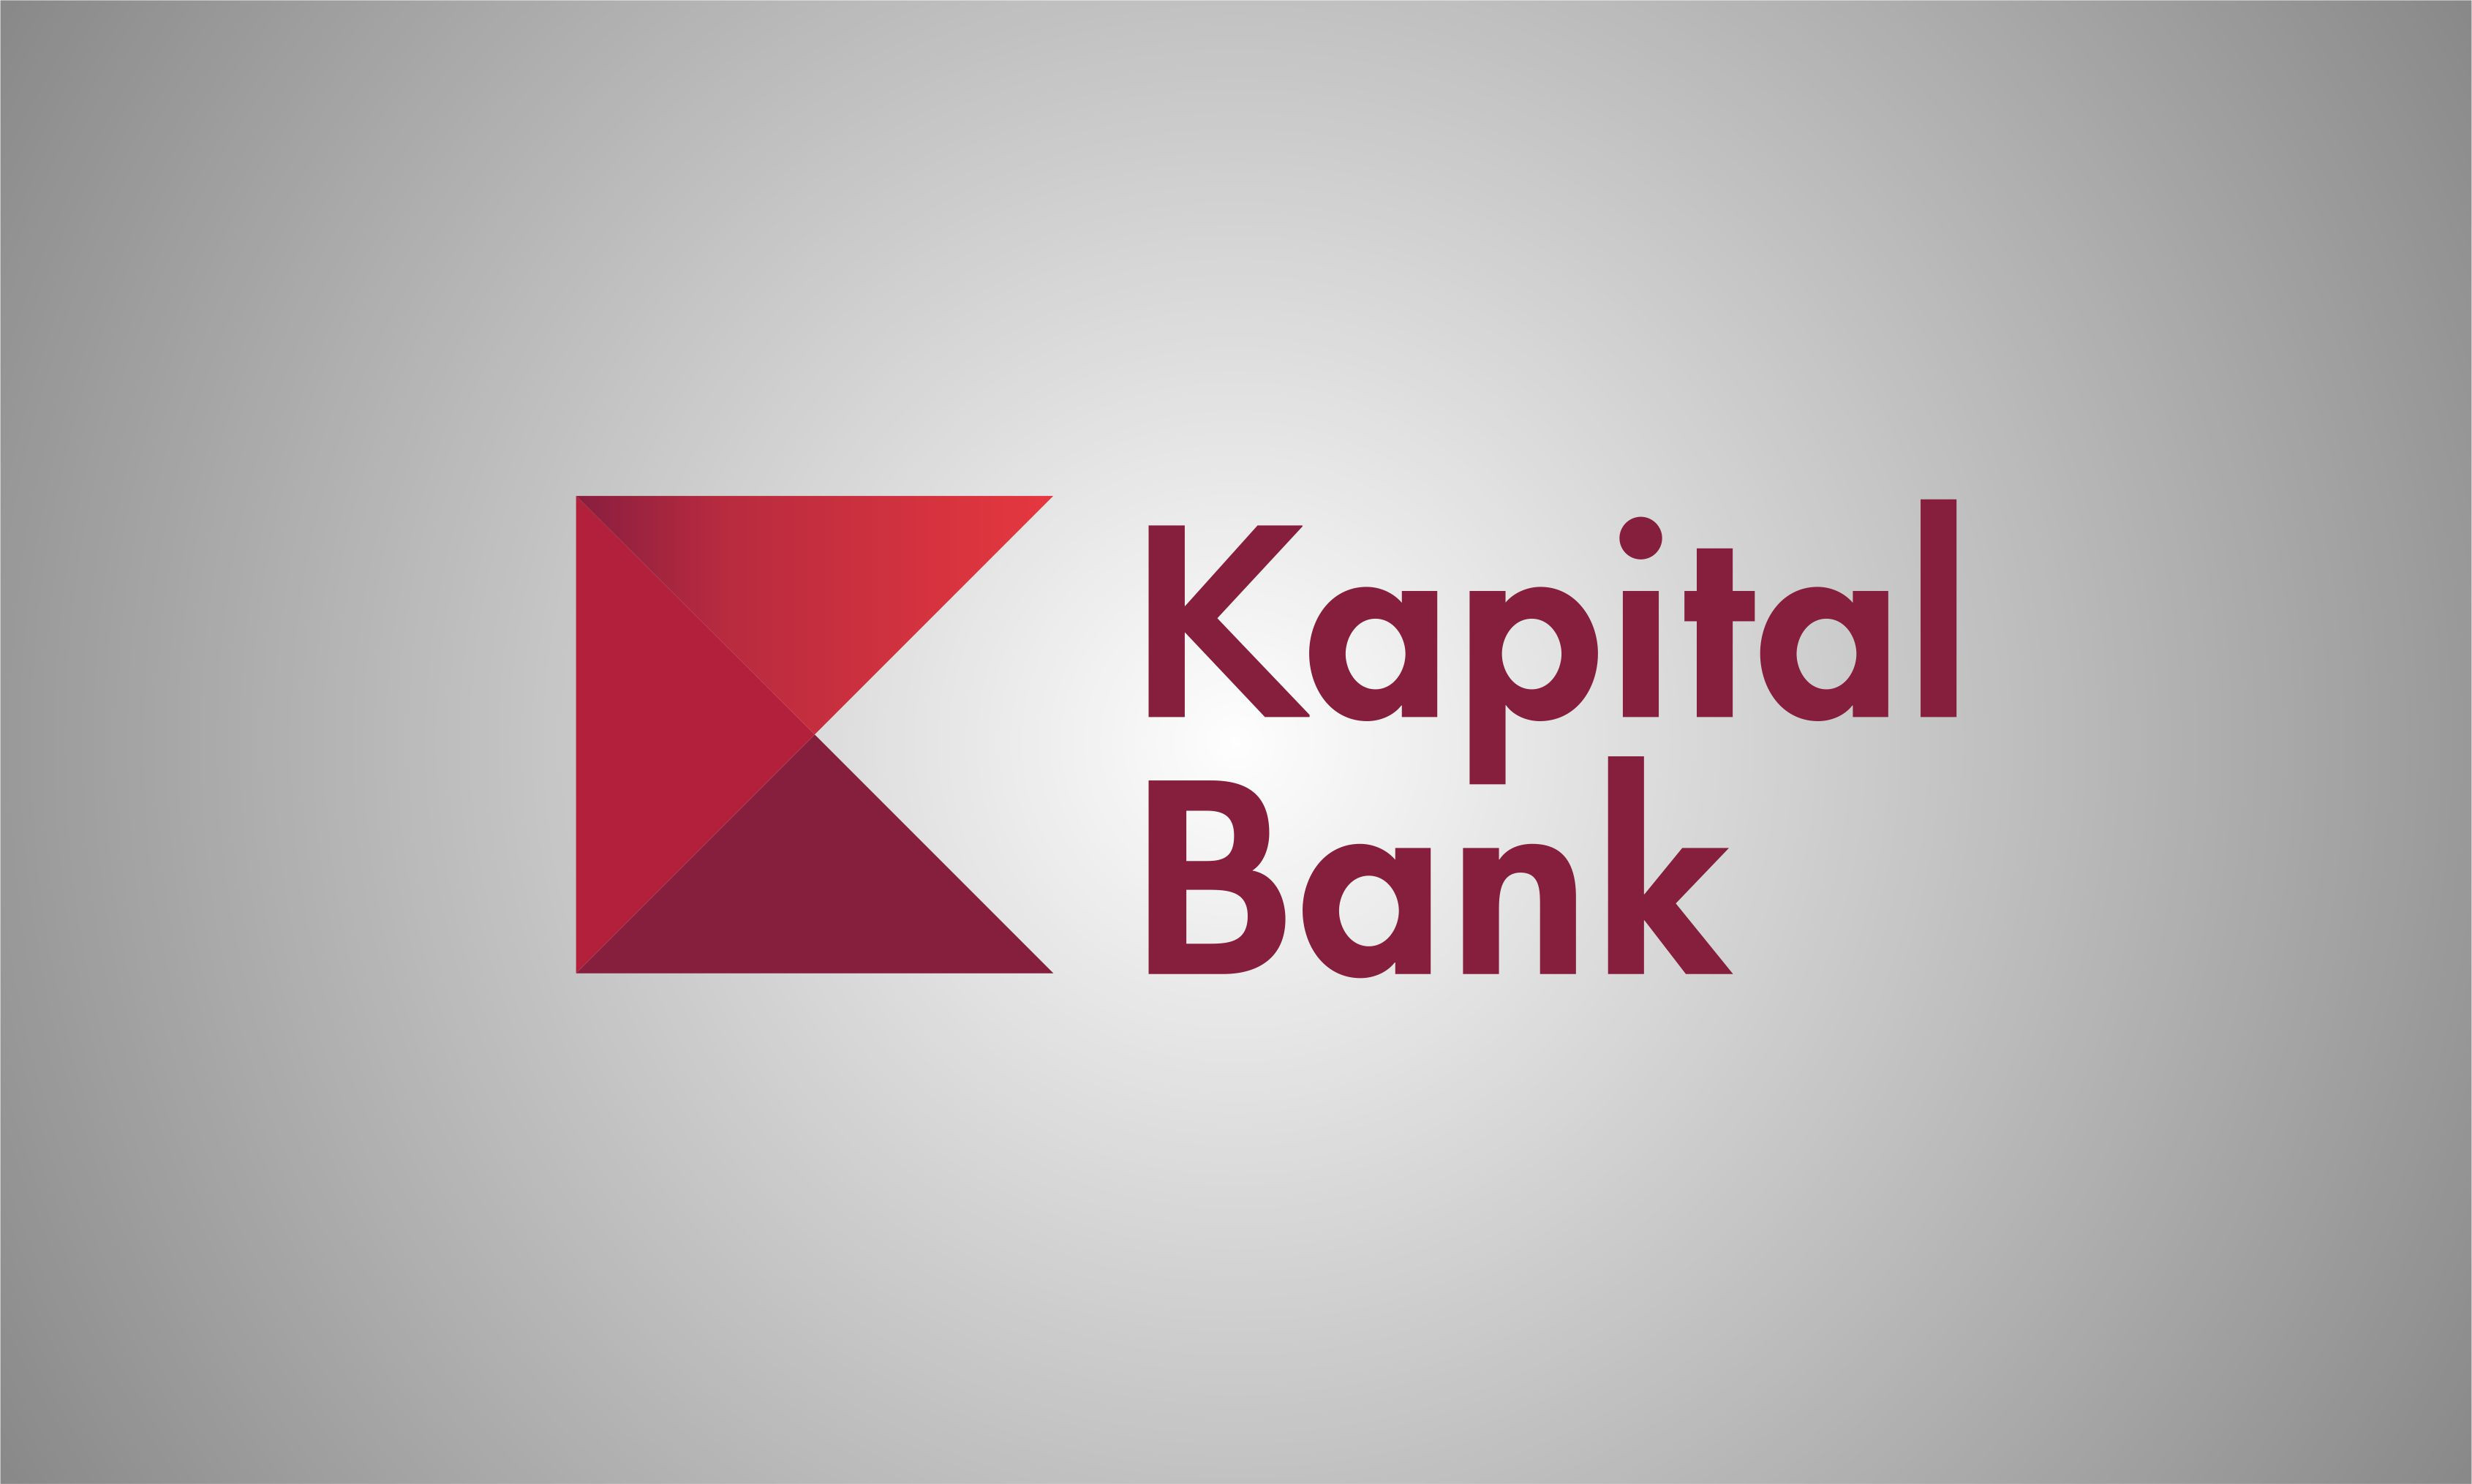 Kapital Bank Sberbank ilə əməkdaşlığını davam etdirir